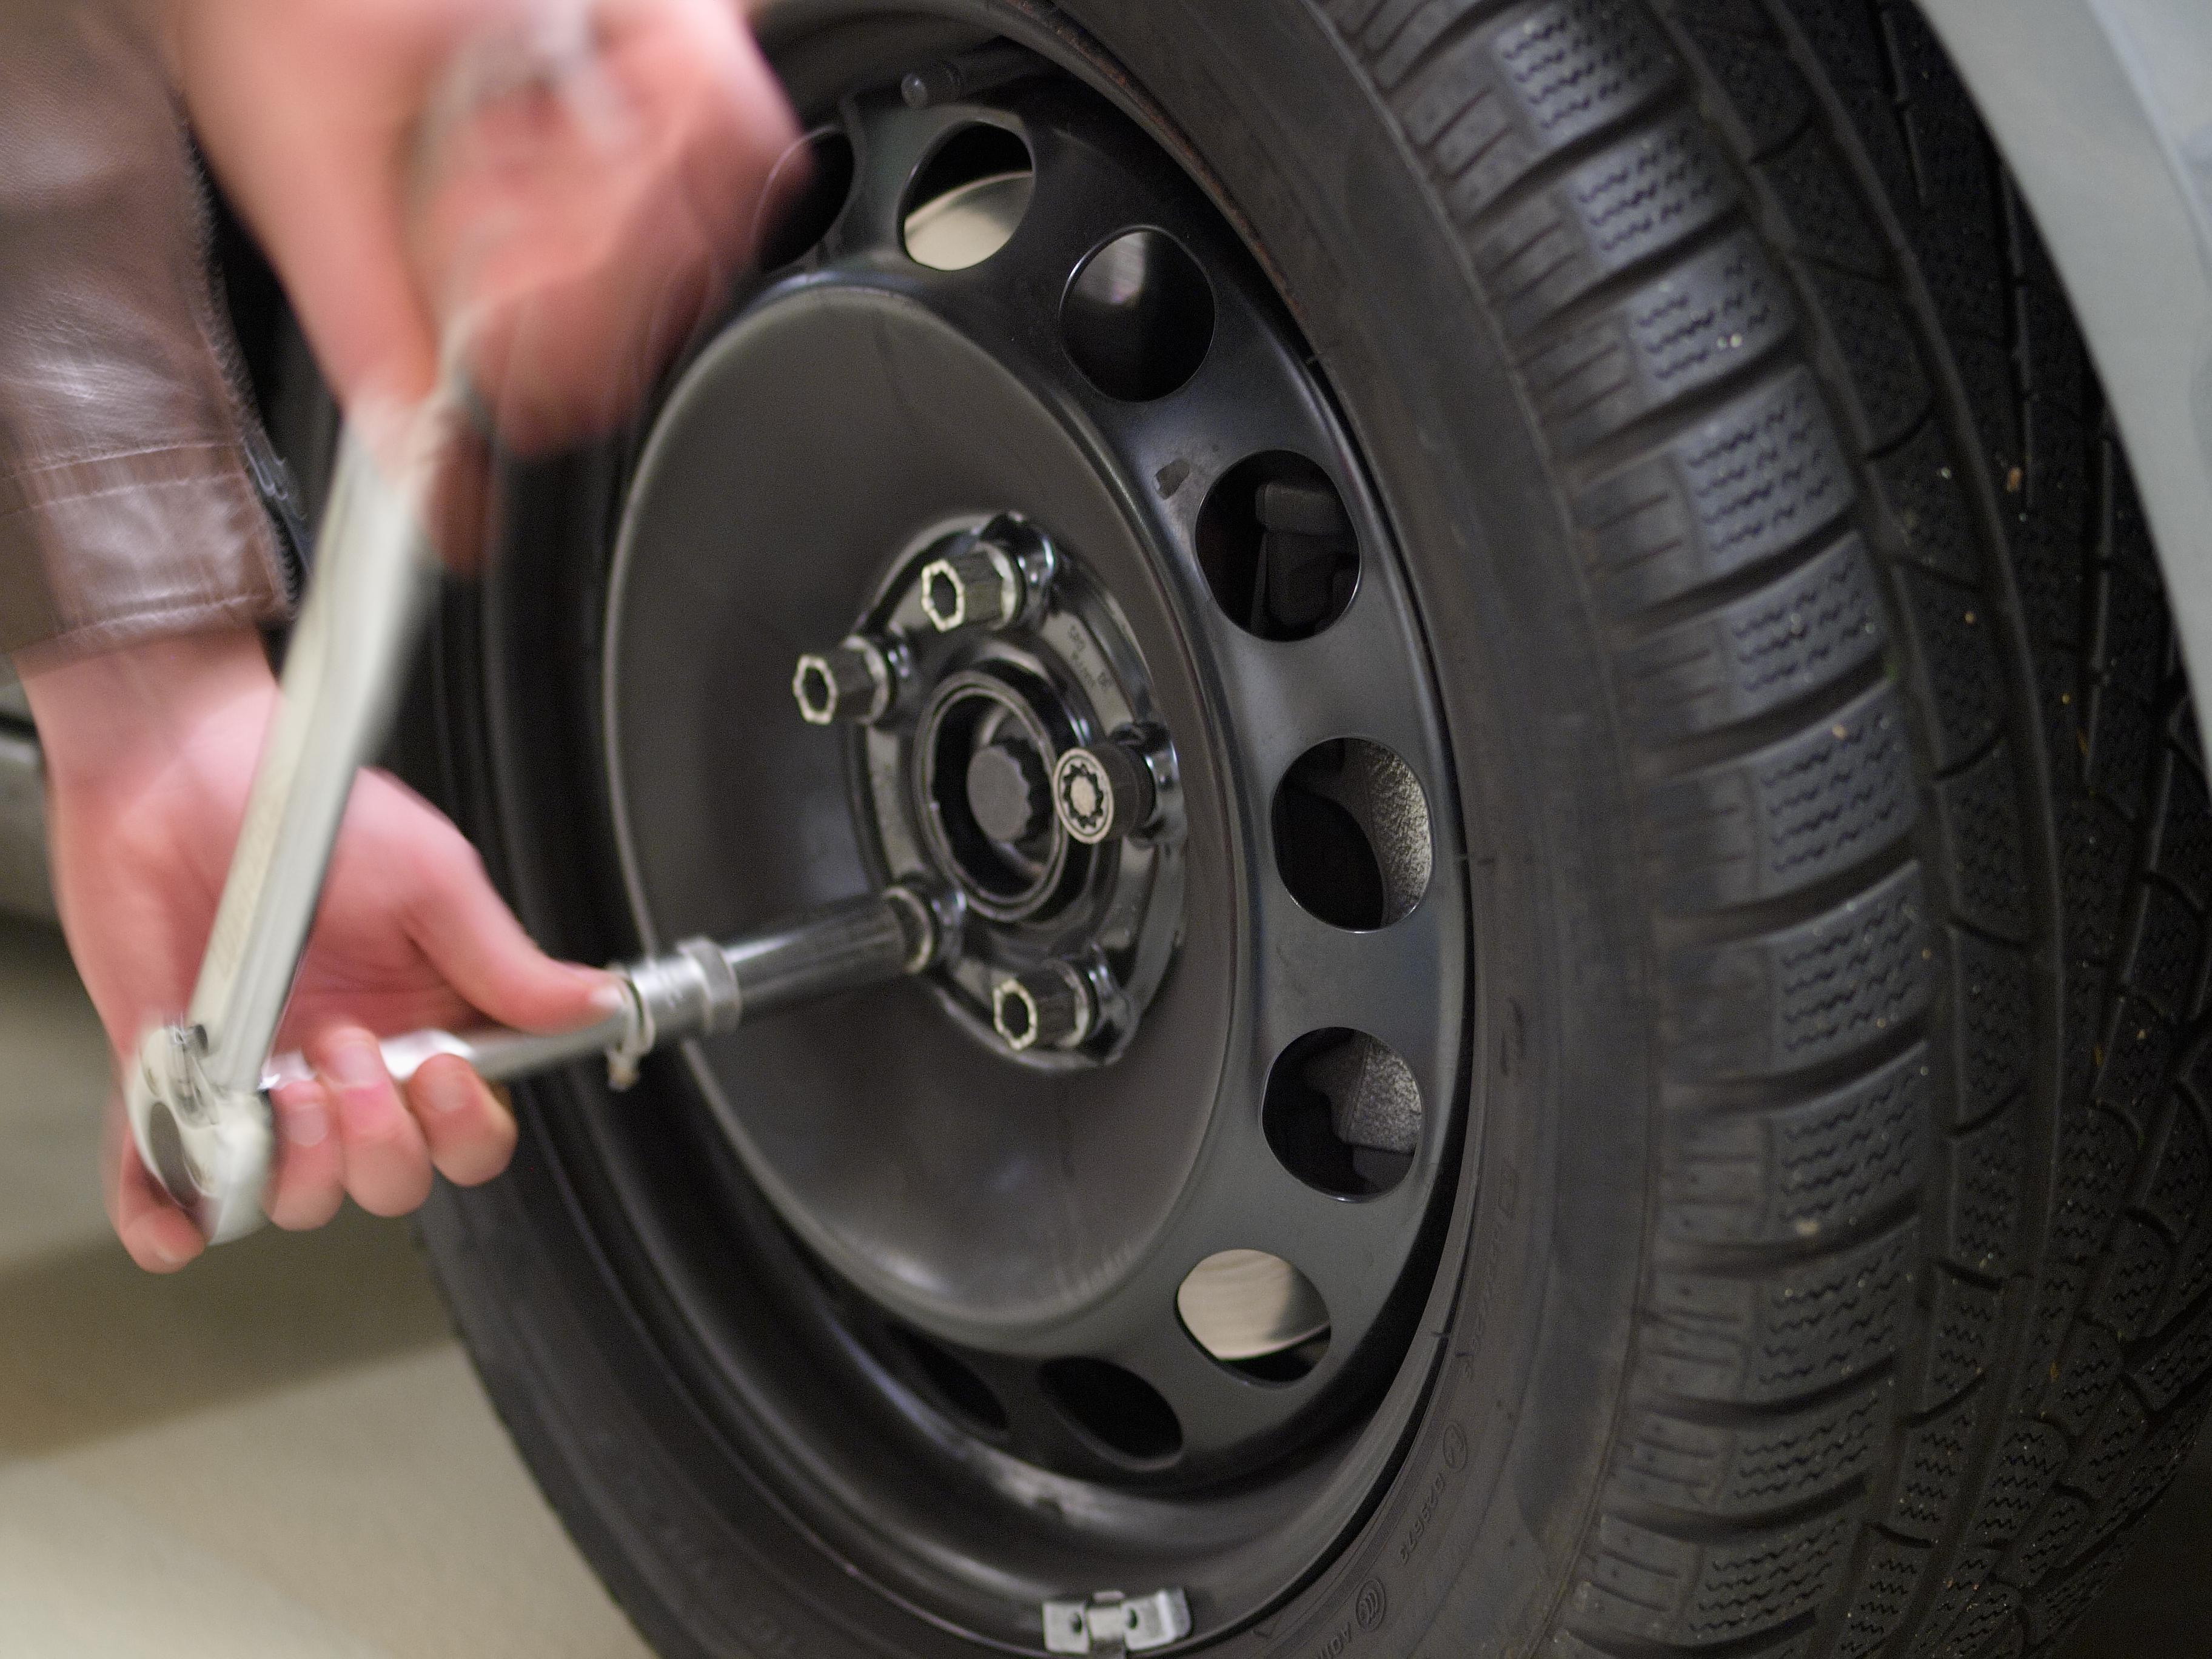 Drehmomentschlüssel beim Reifenwechseln